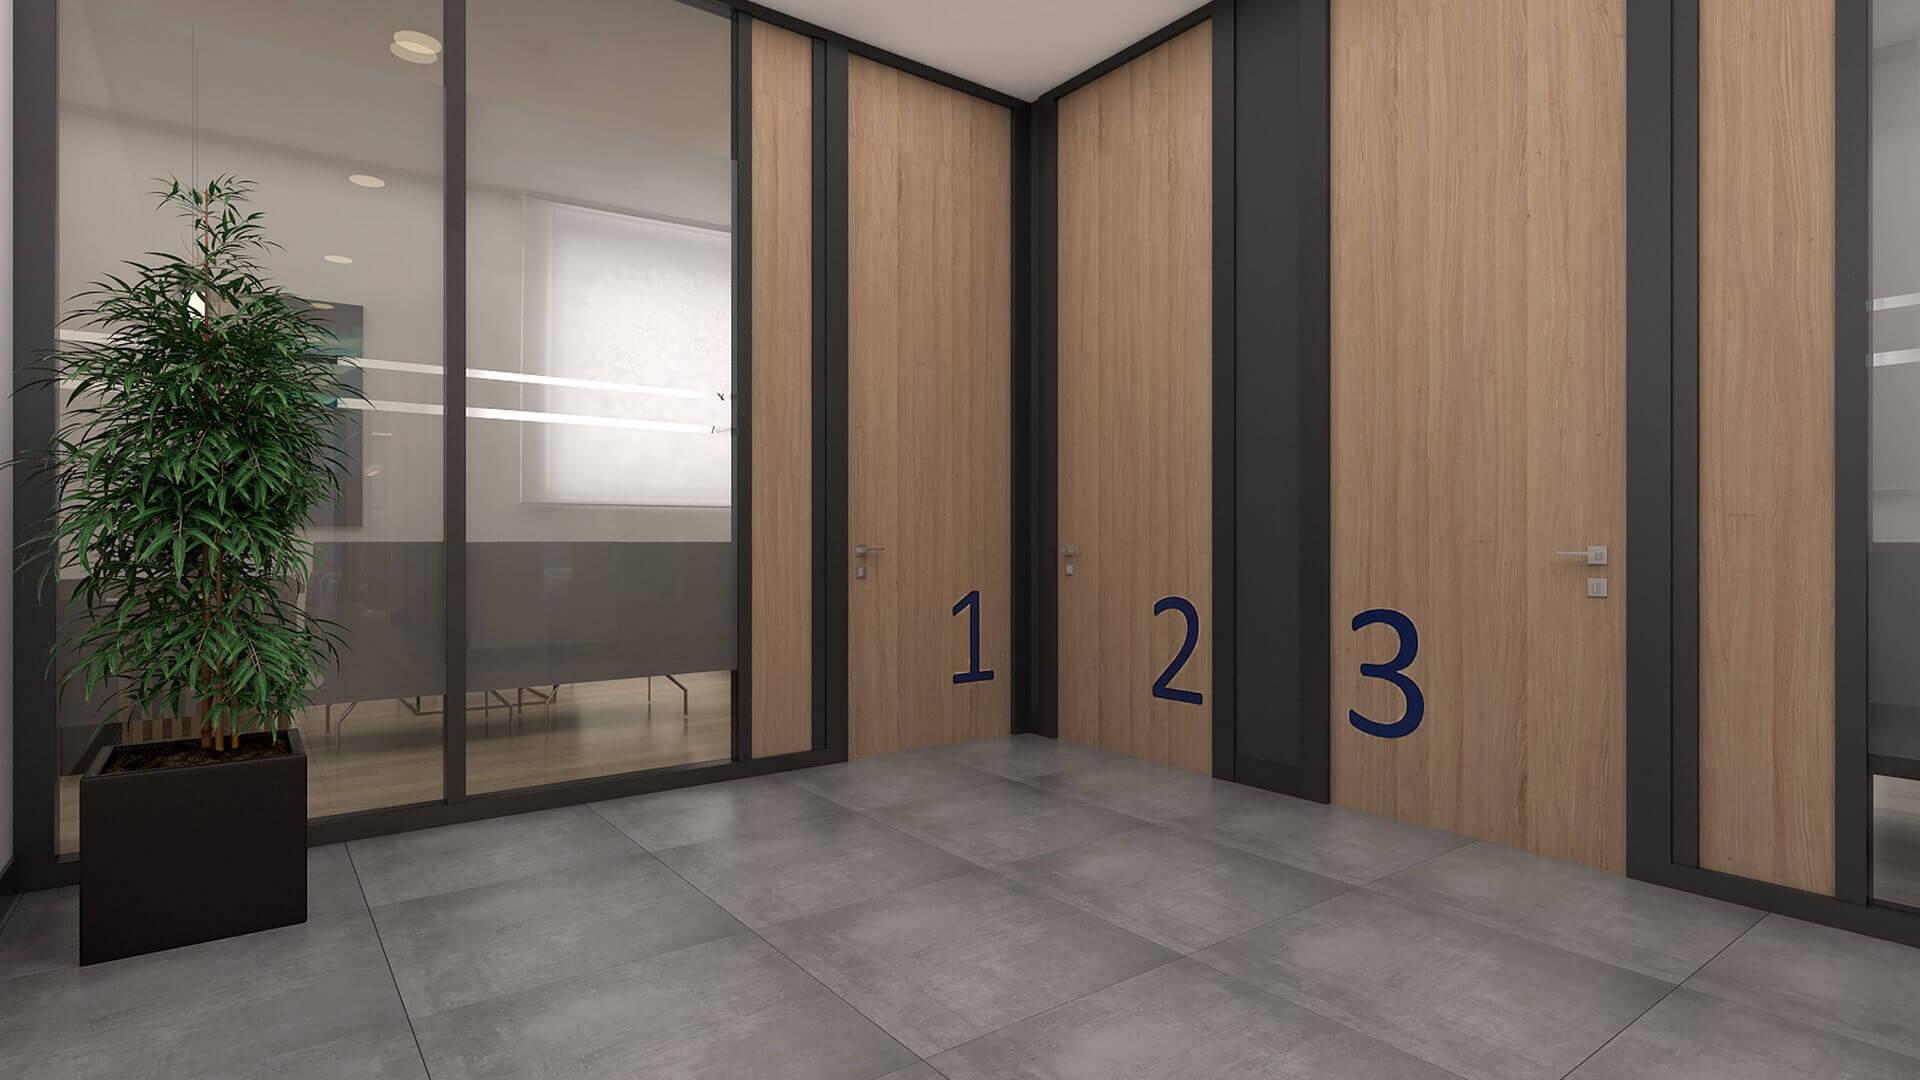 ofis dekorasyonu 2420 Şahin Planlama Ofisler